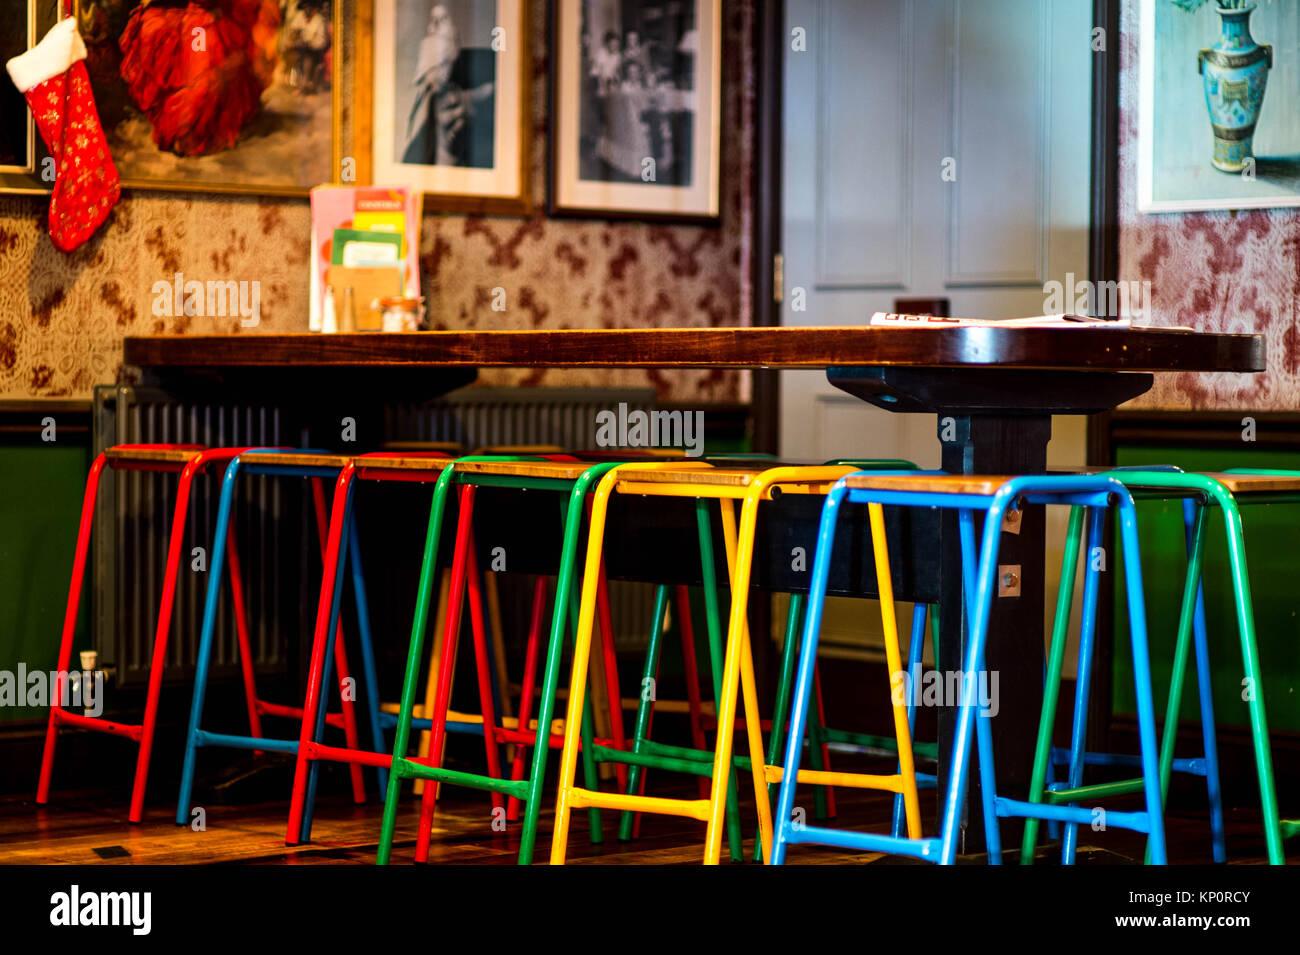 Colorato bar sgabelli in un ristorante con christmmas decorazioni e